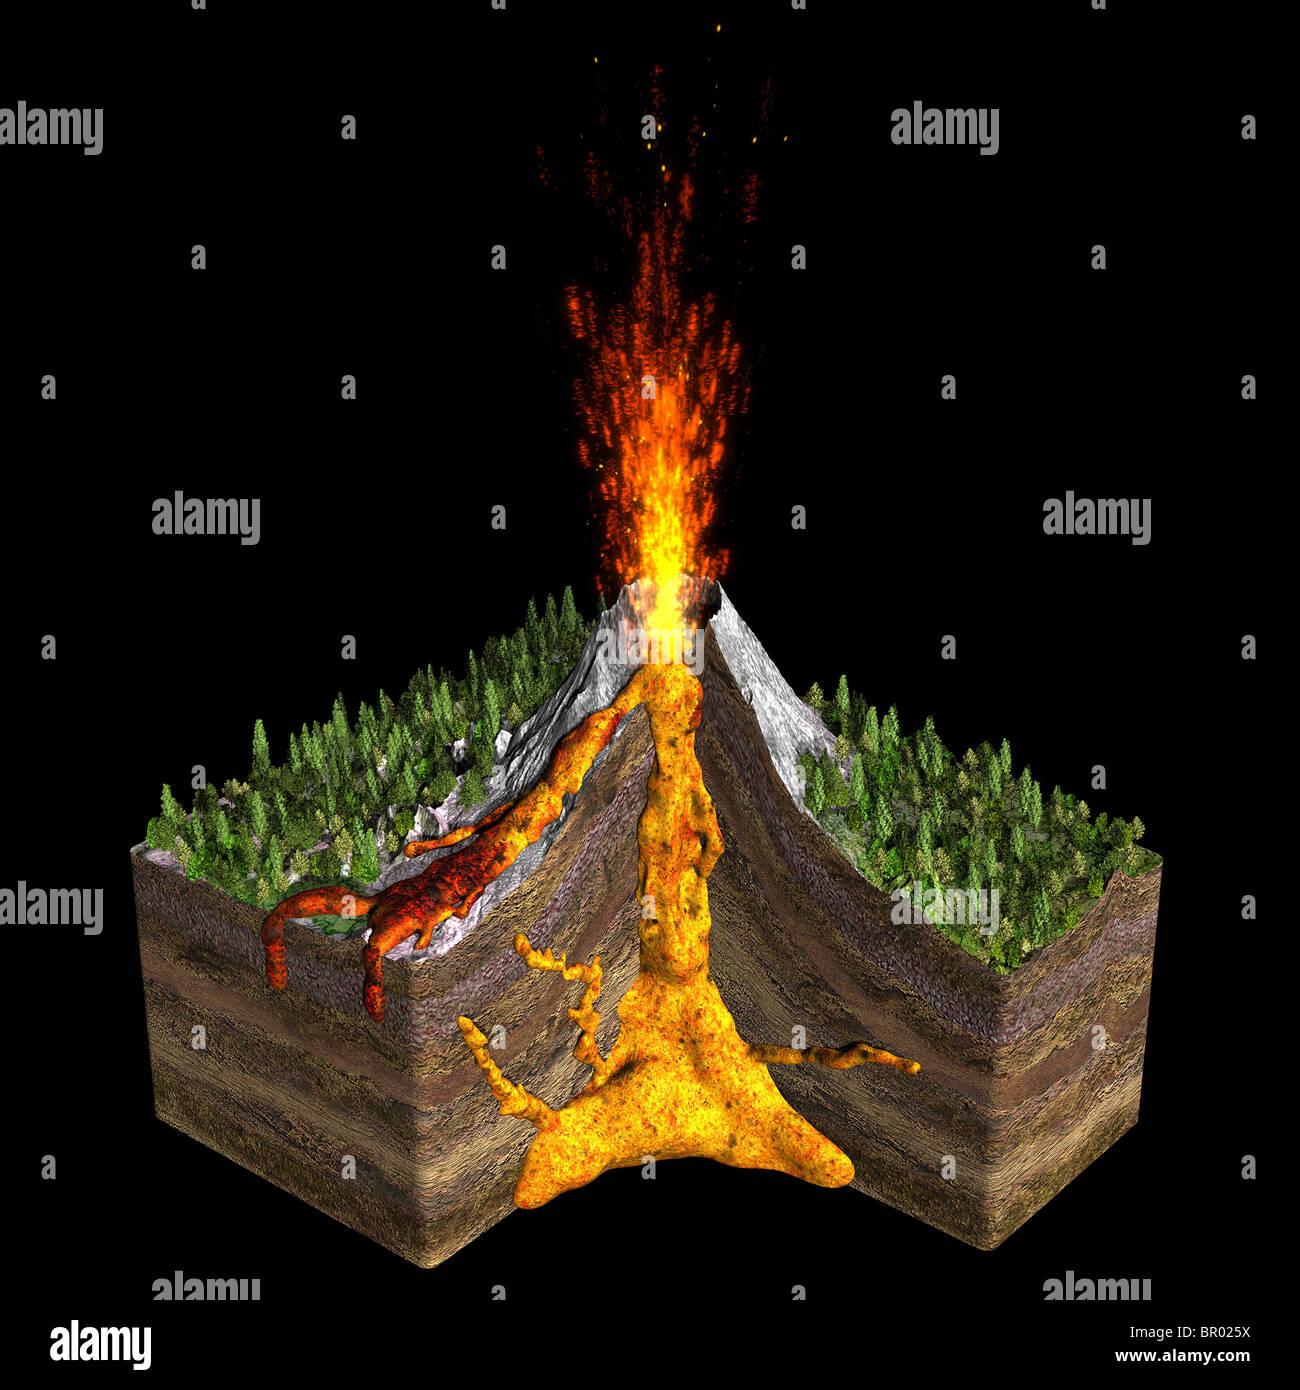 Abbildung Von Einem Vulkan Spuckt Feuer Zeigt Einen